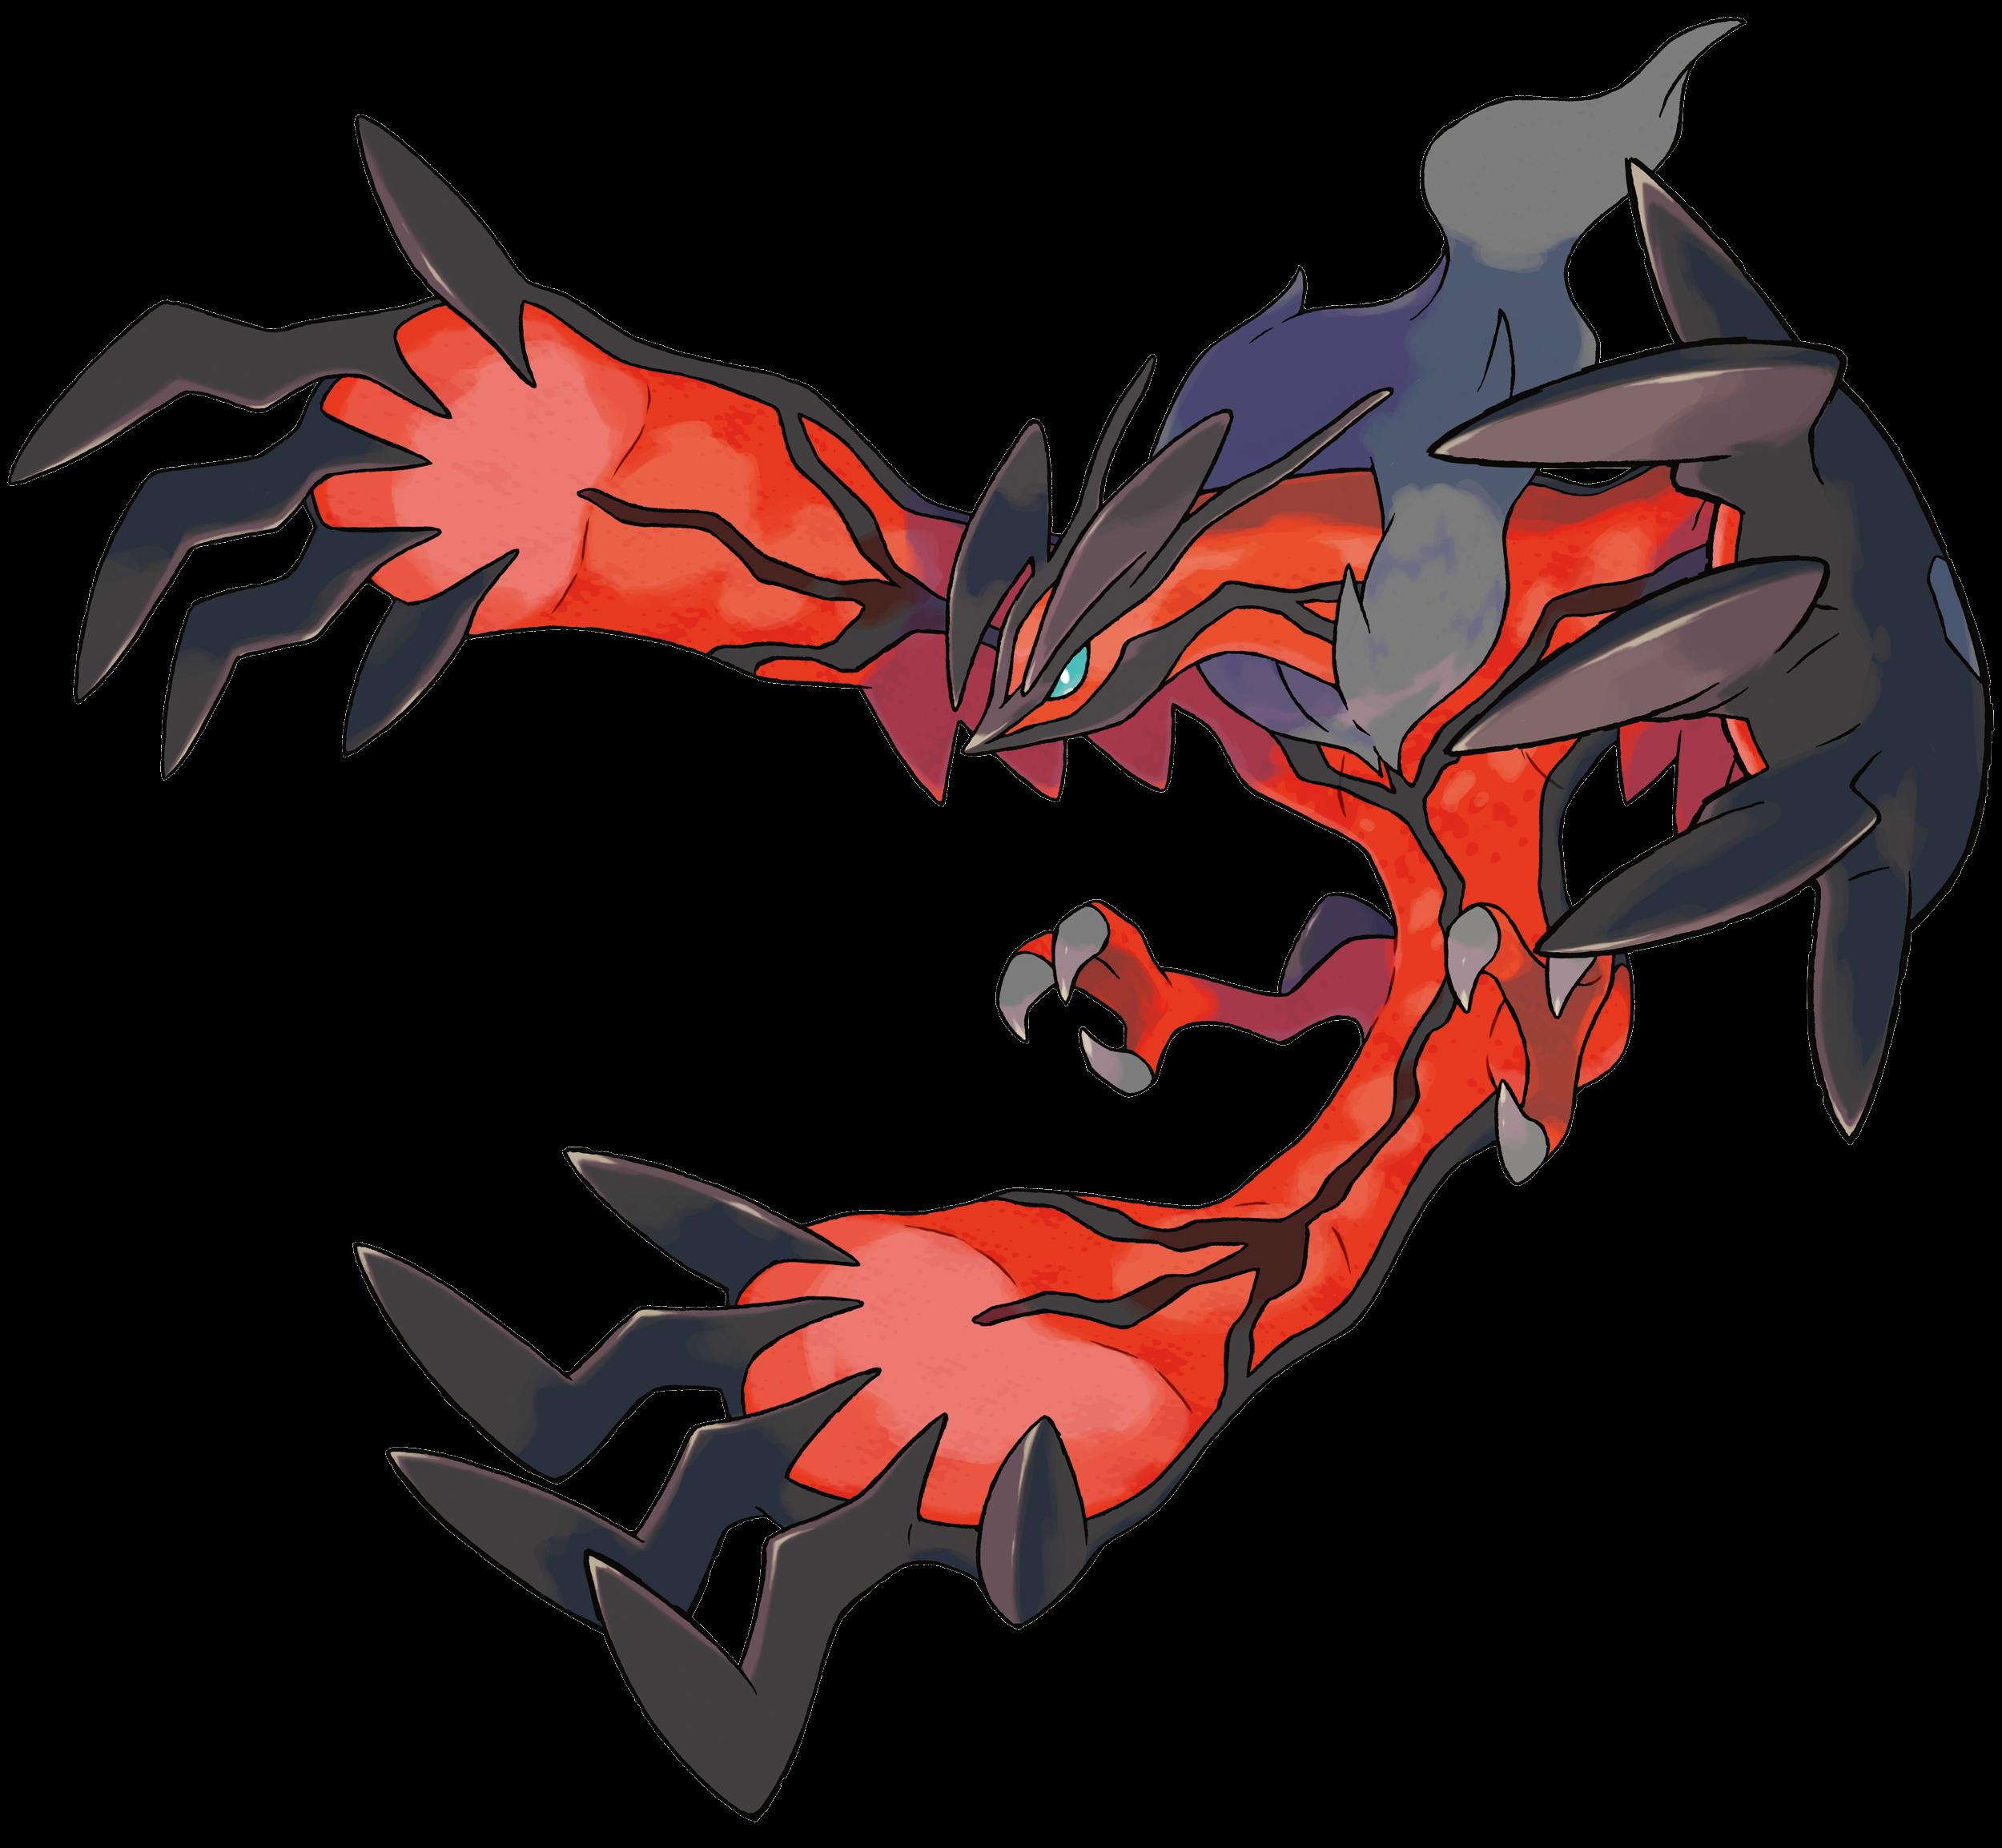 Diferencias entre Pokémon x y Pokémon y Yveltal